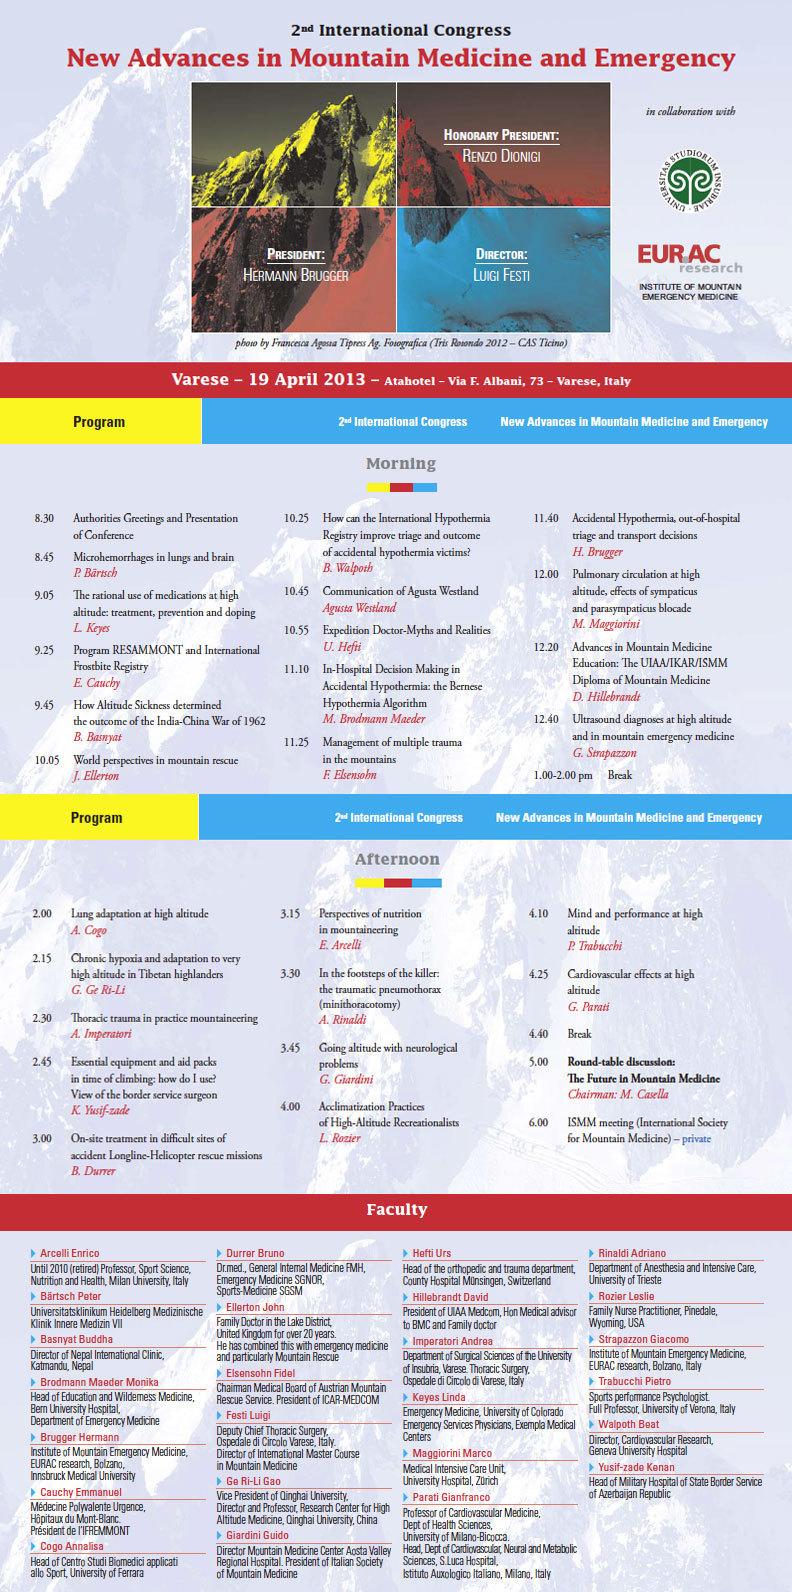 Il 18 - 19 aprile 2013 a Varese si svolgerà la seconda edizione del Congresso Internazionale: New Advances in Mountain Medicine and Emergency, organizzato dall'Università degli Studi dell'Insubria in collaborazione con l'Institute of Mountain Emergency Medicine., archivio Master Medicina di Montagna